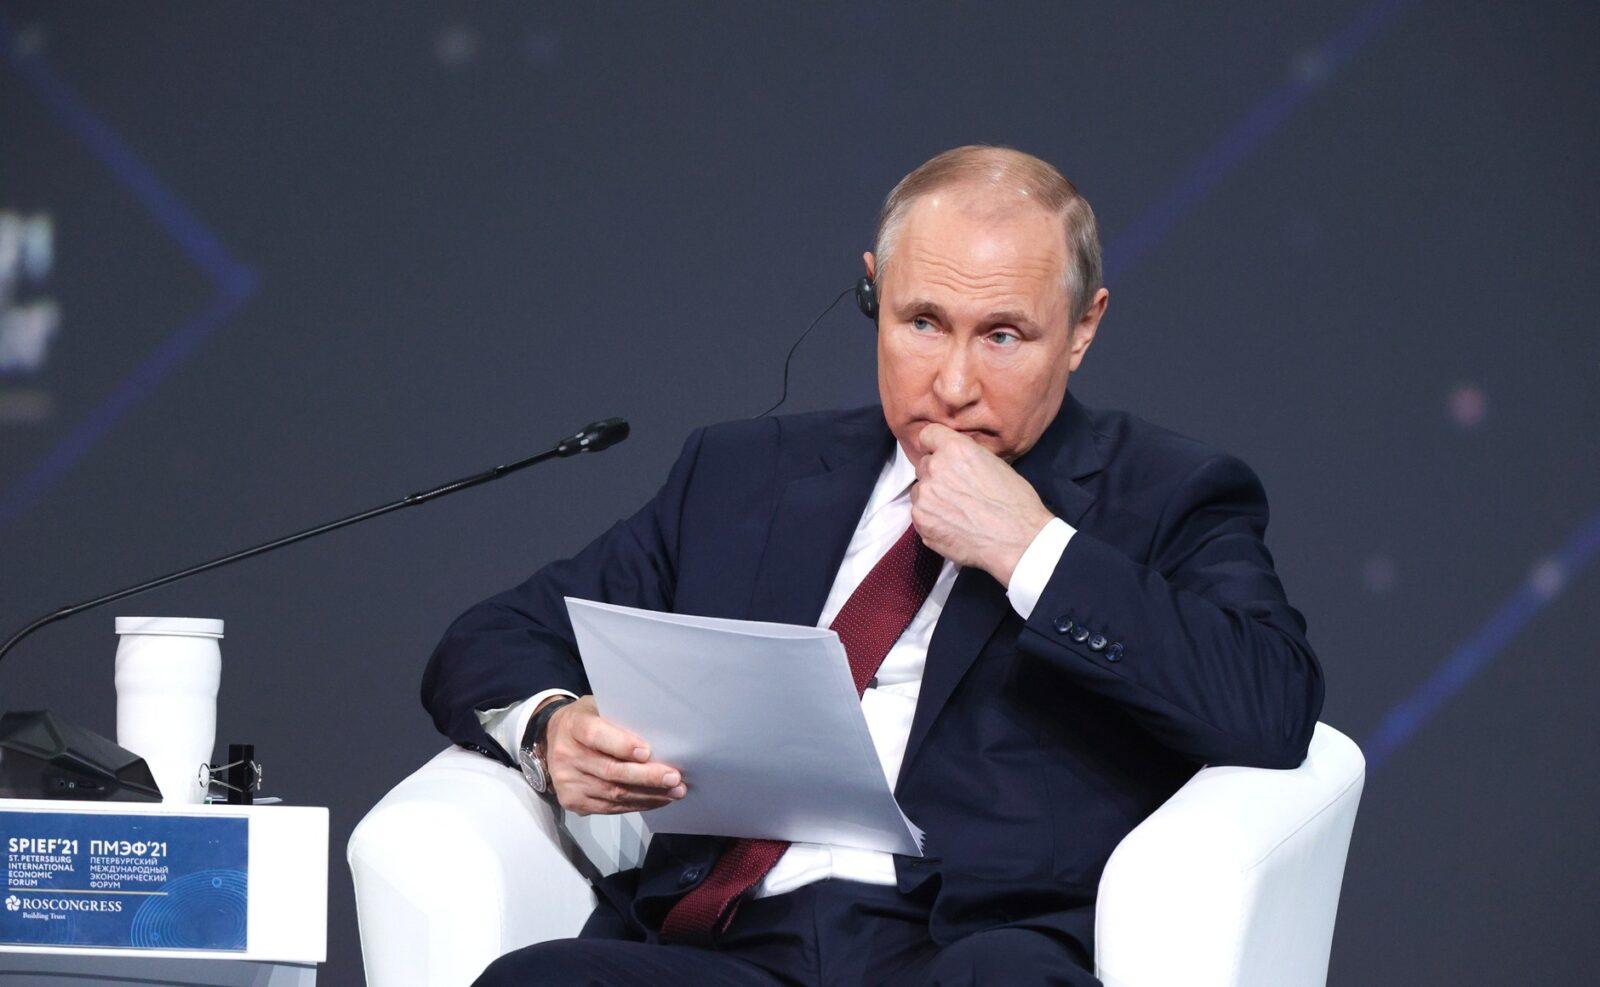 Владимир Путин на пленарном заседании ПМЭФ говорил о глобальной экономике и внутрироссийских делах